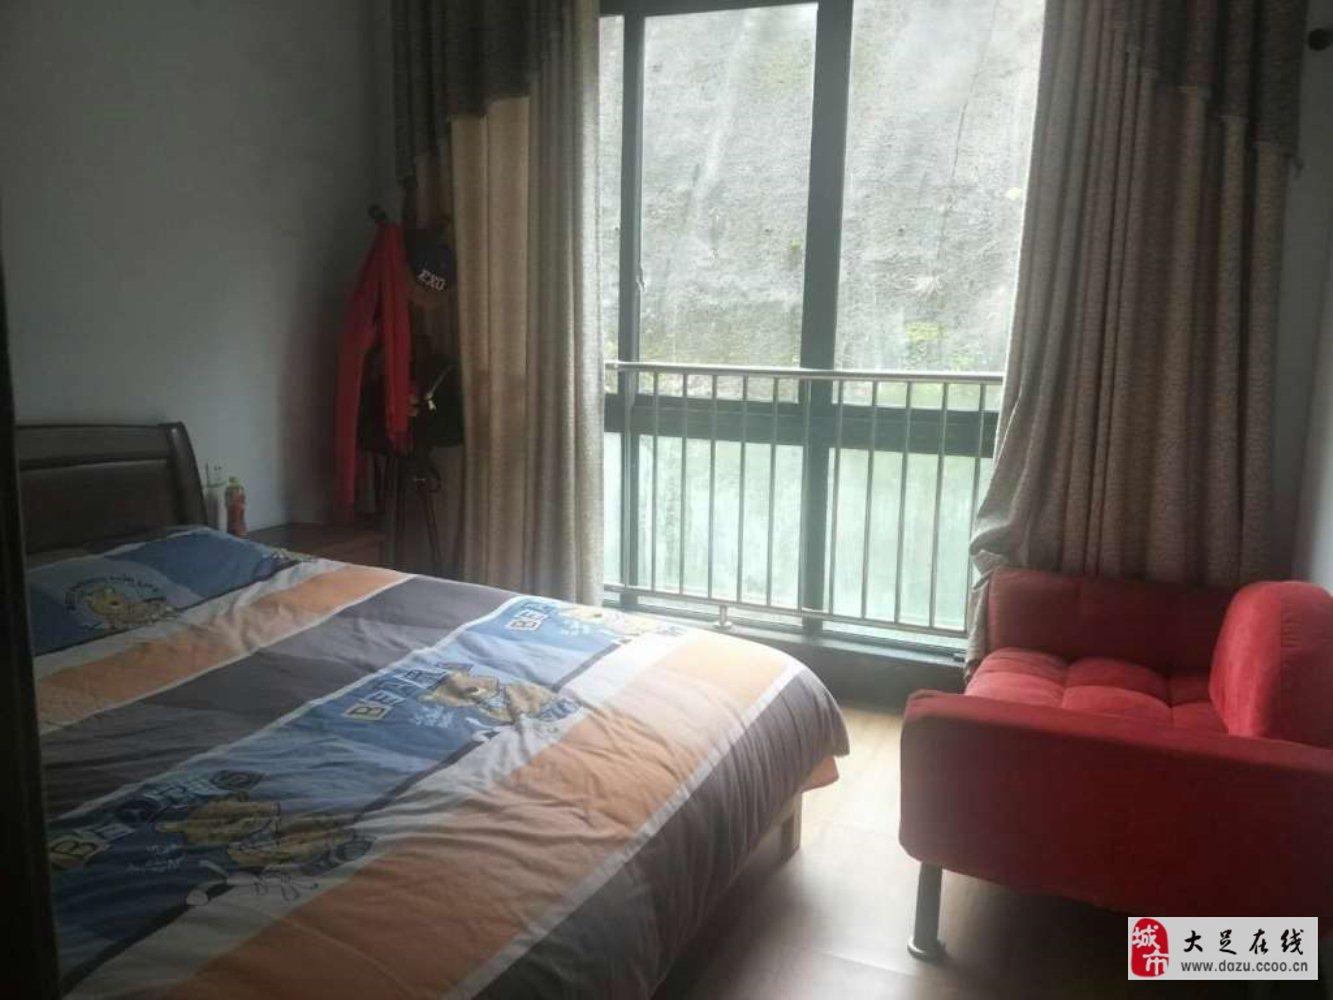 玉龙云湖山水3室2厅2卫44.8万元